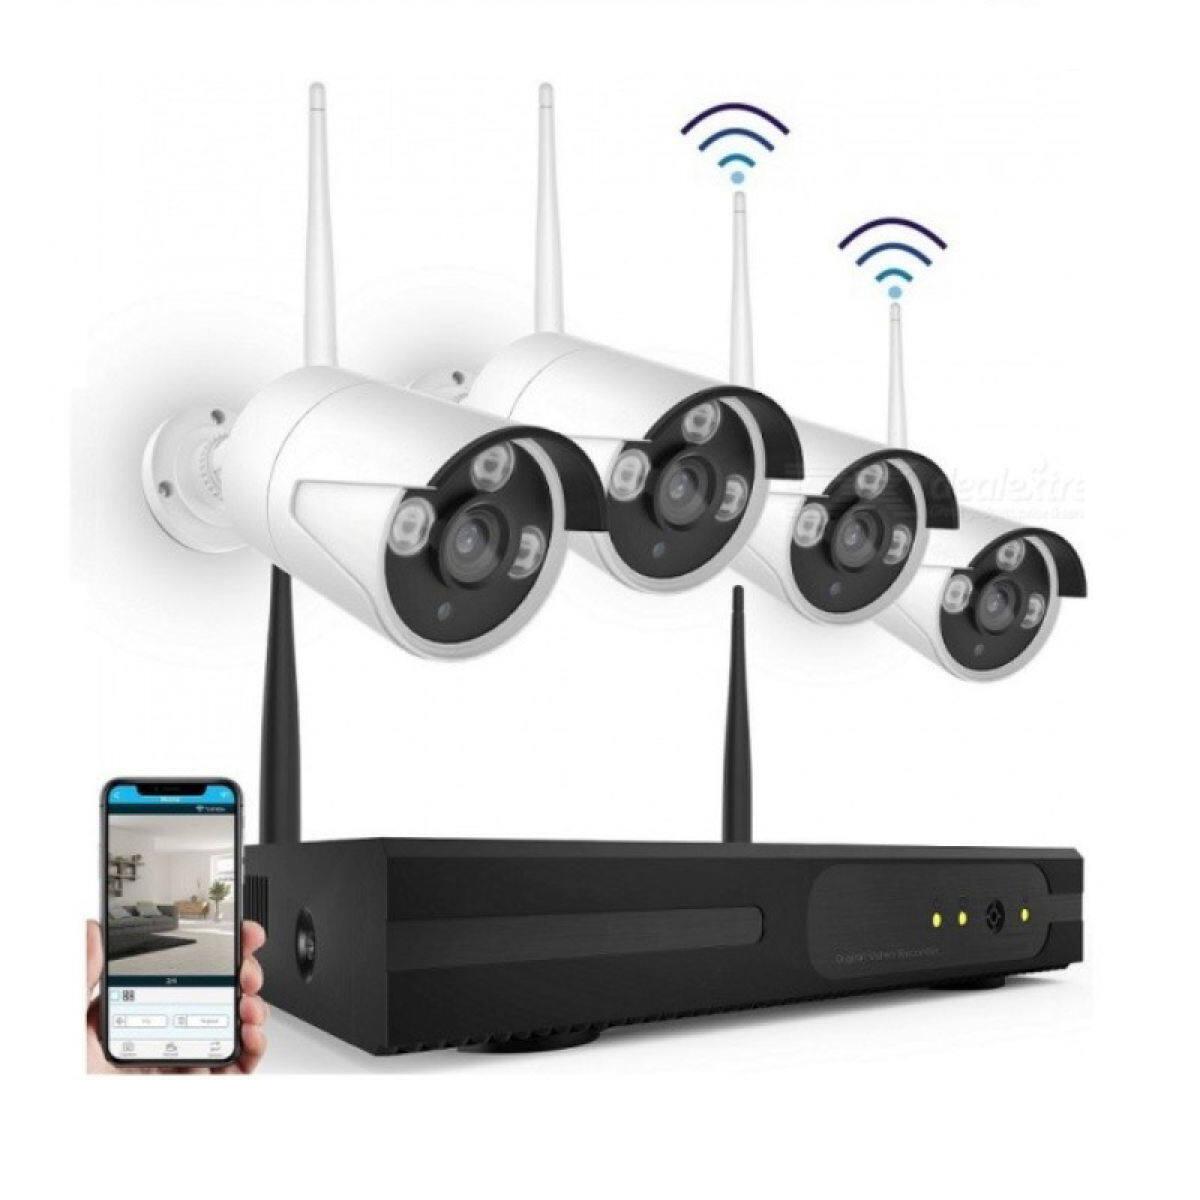 YIFAN ชุดกล้องวงจรปิดไร้สาย 4 CH FHD 1080P CCTV WiFi/Wireless Kit 2.0 MP 2 ล้านพิกเซล กล้อง IP Camera 4 ตัว พร้อมเครื่องบันทึก NVR / Day&Night / อินฟราเรด ดูออนไลน์ผ่านโทรศัพท์มือถือได้ทุกที่ทุกเวลา